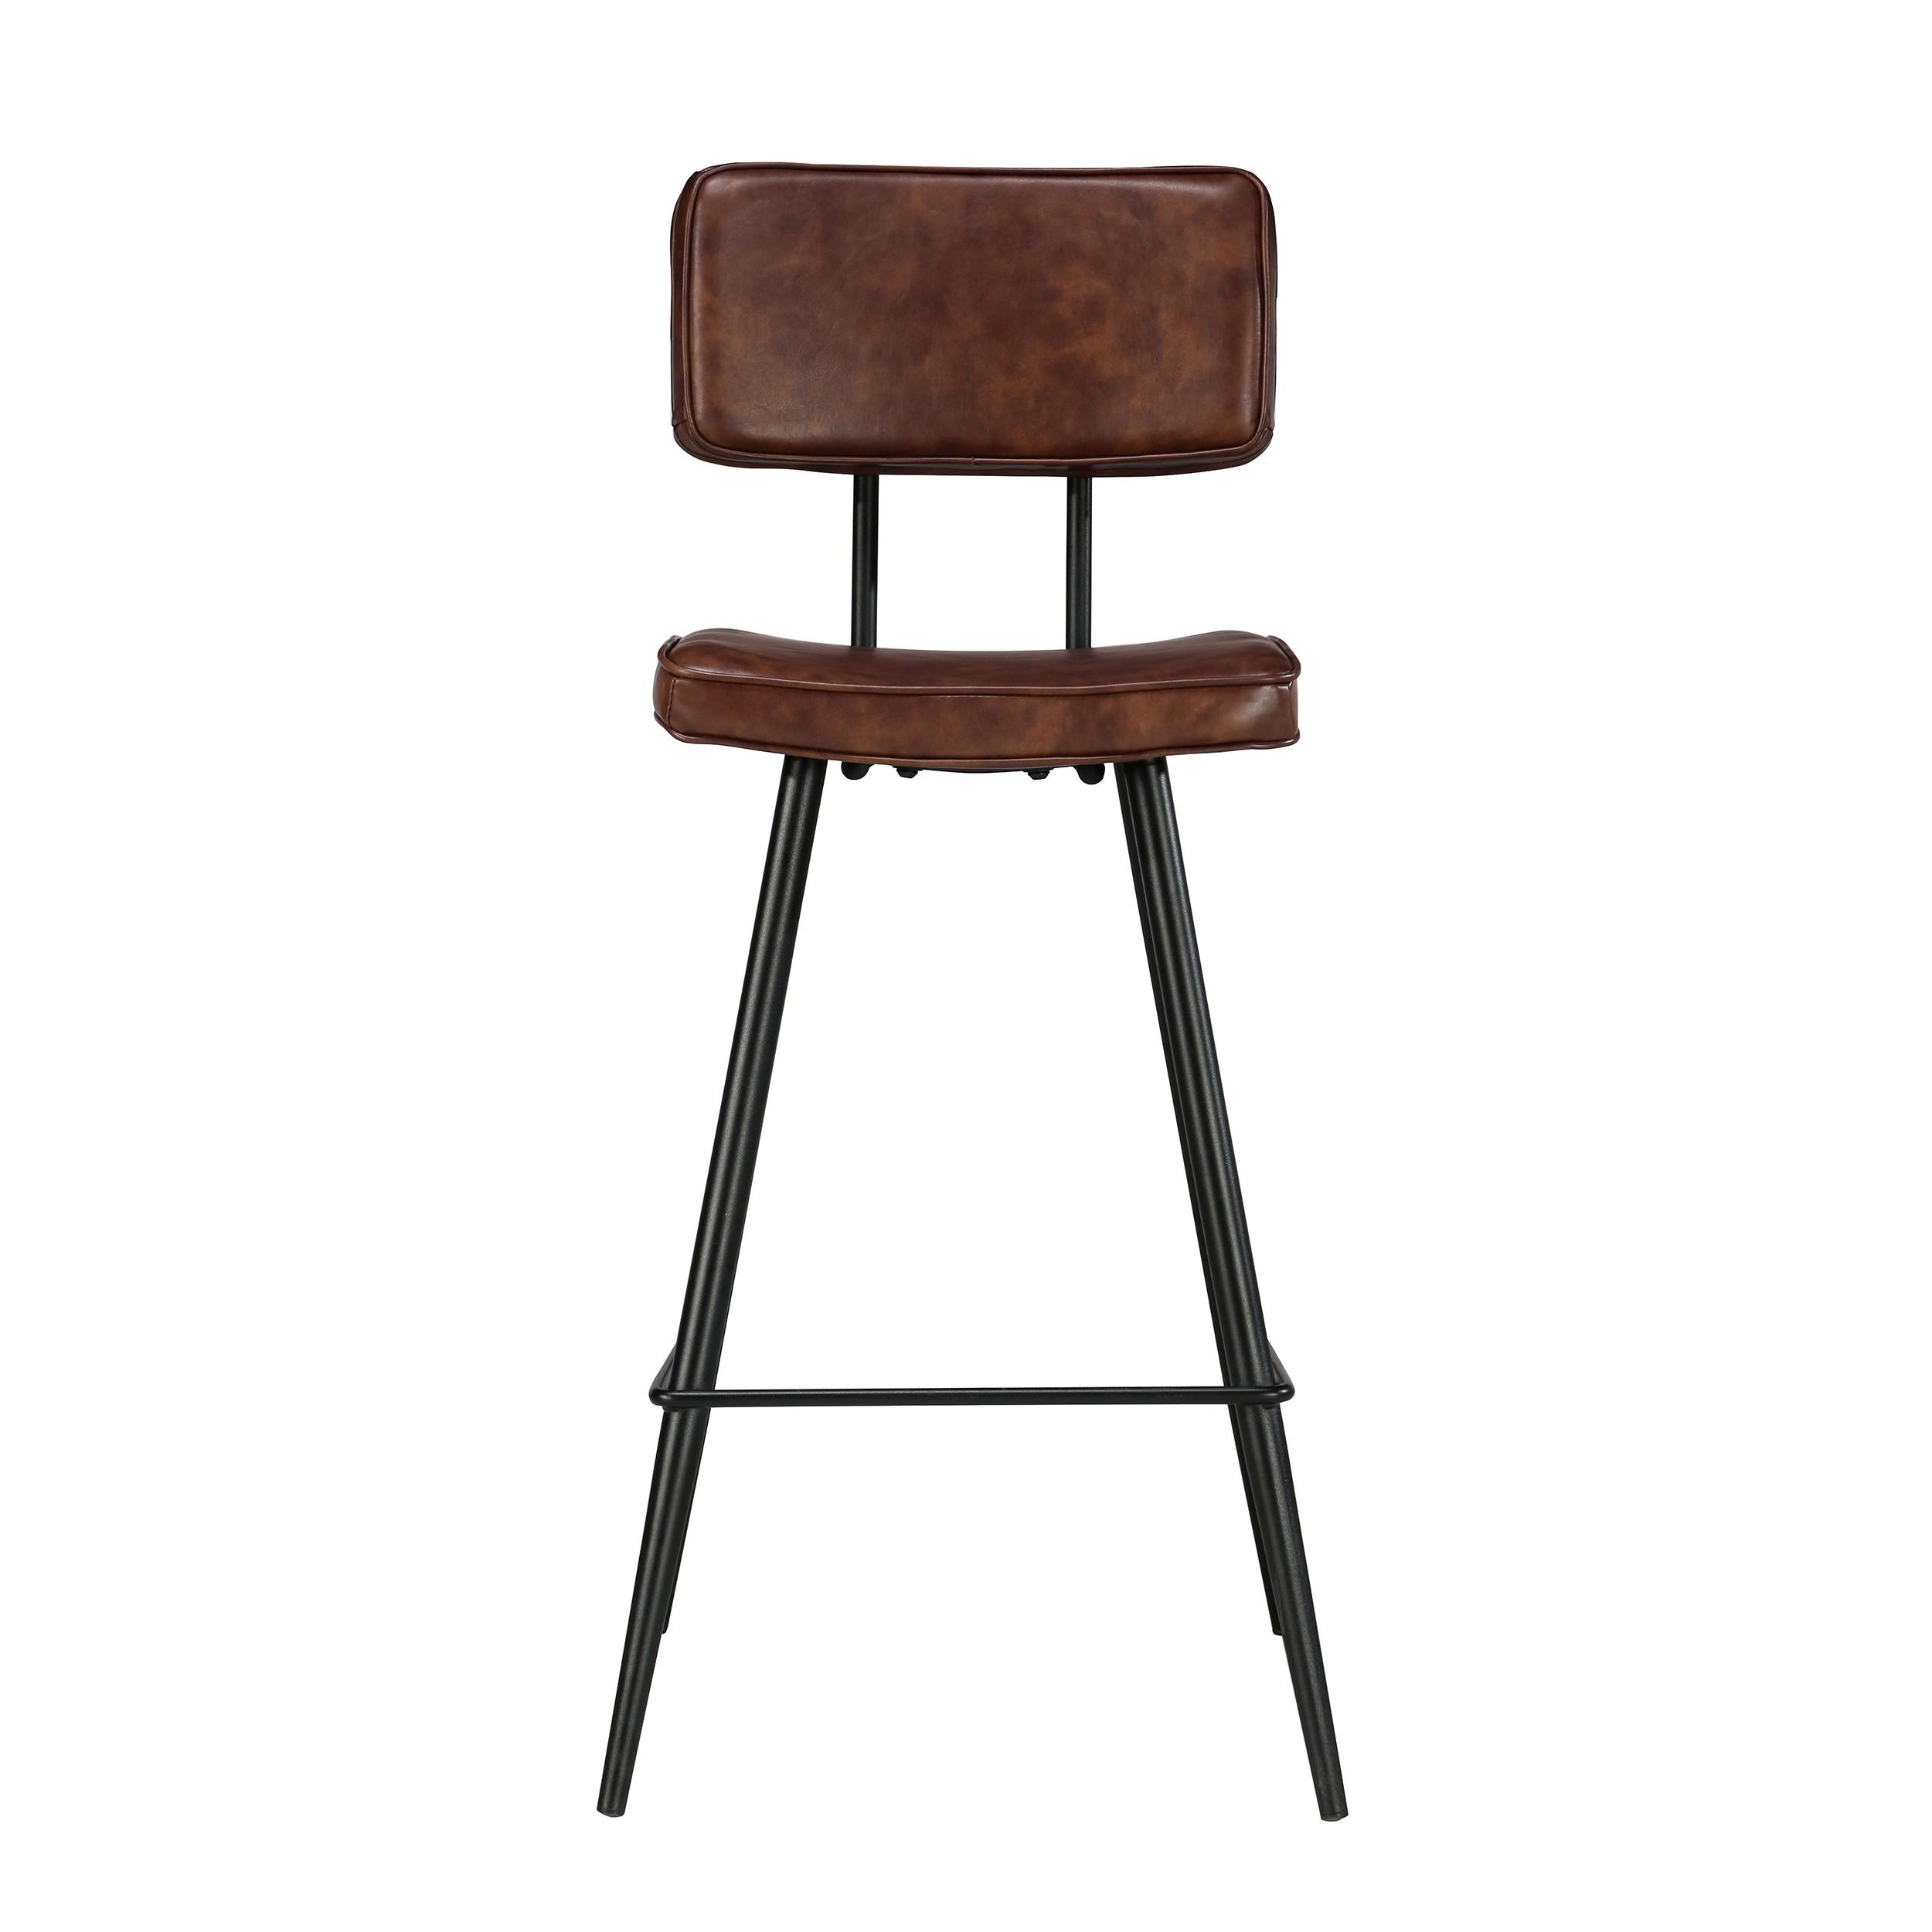 chaise de bar texas marron lot de2 d couvrez les chaises de bar texas marron lot de 2 rdv d co. Black Bedroom Furniture Sets. Home Design Ideas